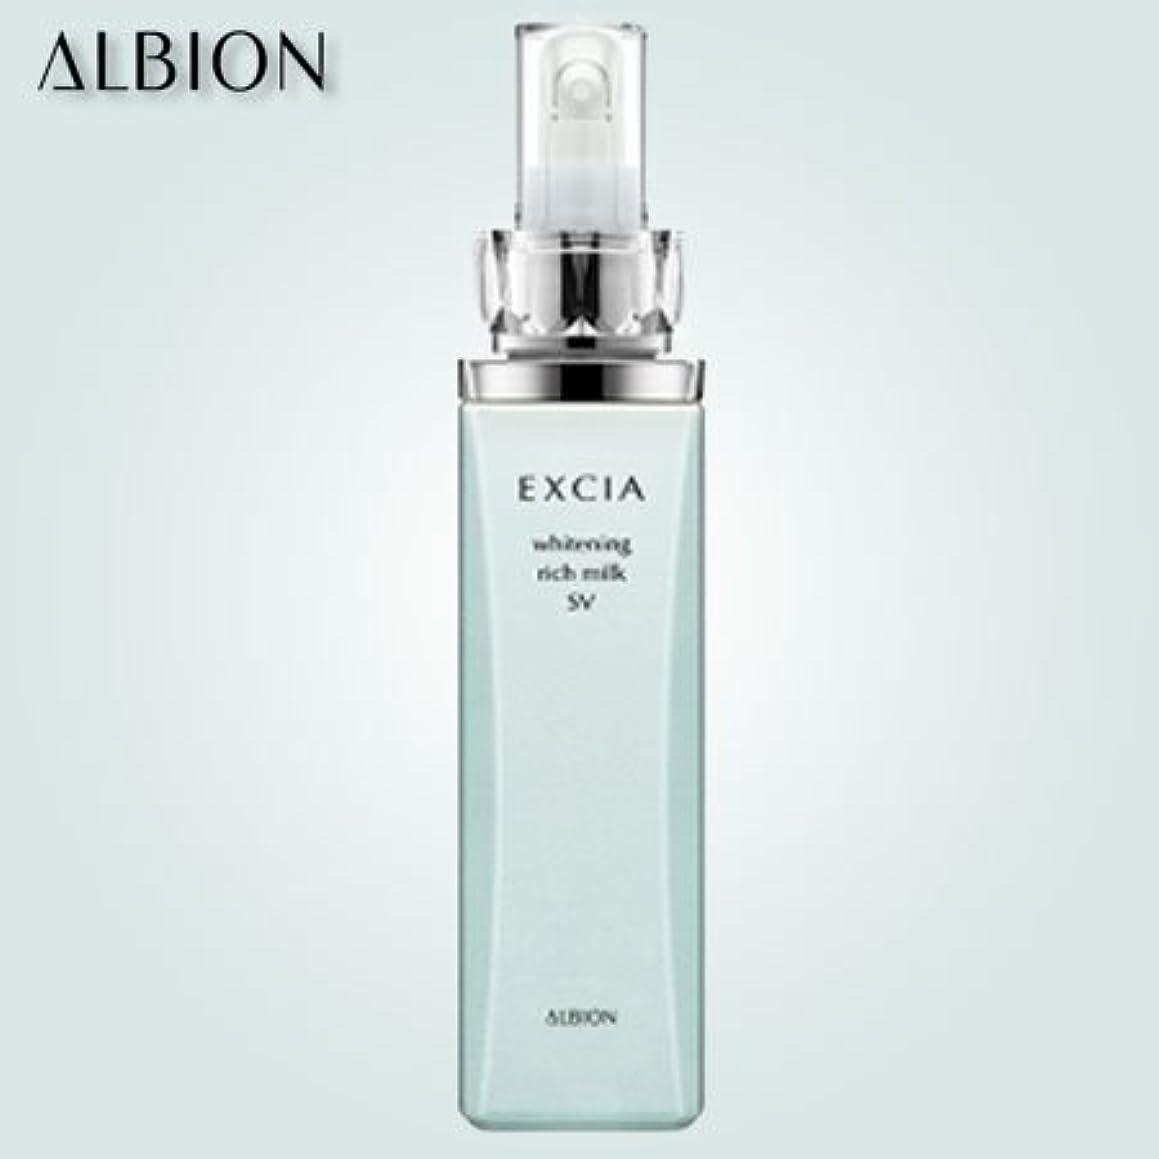 程度戸惑う思慮のないアルビオン エクシアAL ホワイトニング エクストラリッチミルク SV(ノーマル~ドライスキン用)200g-ALBION-